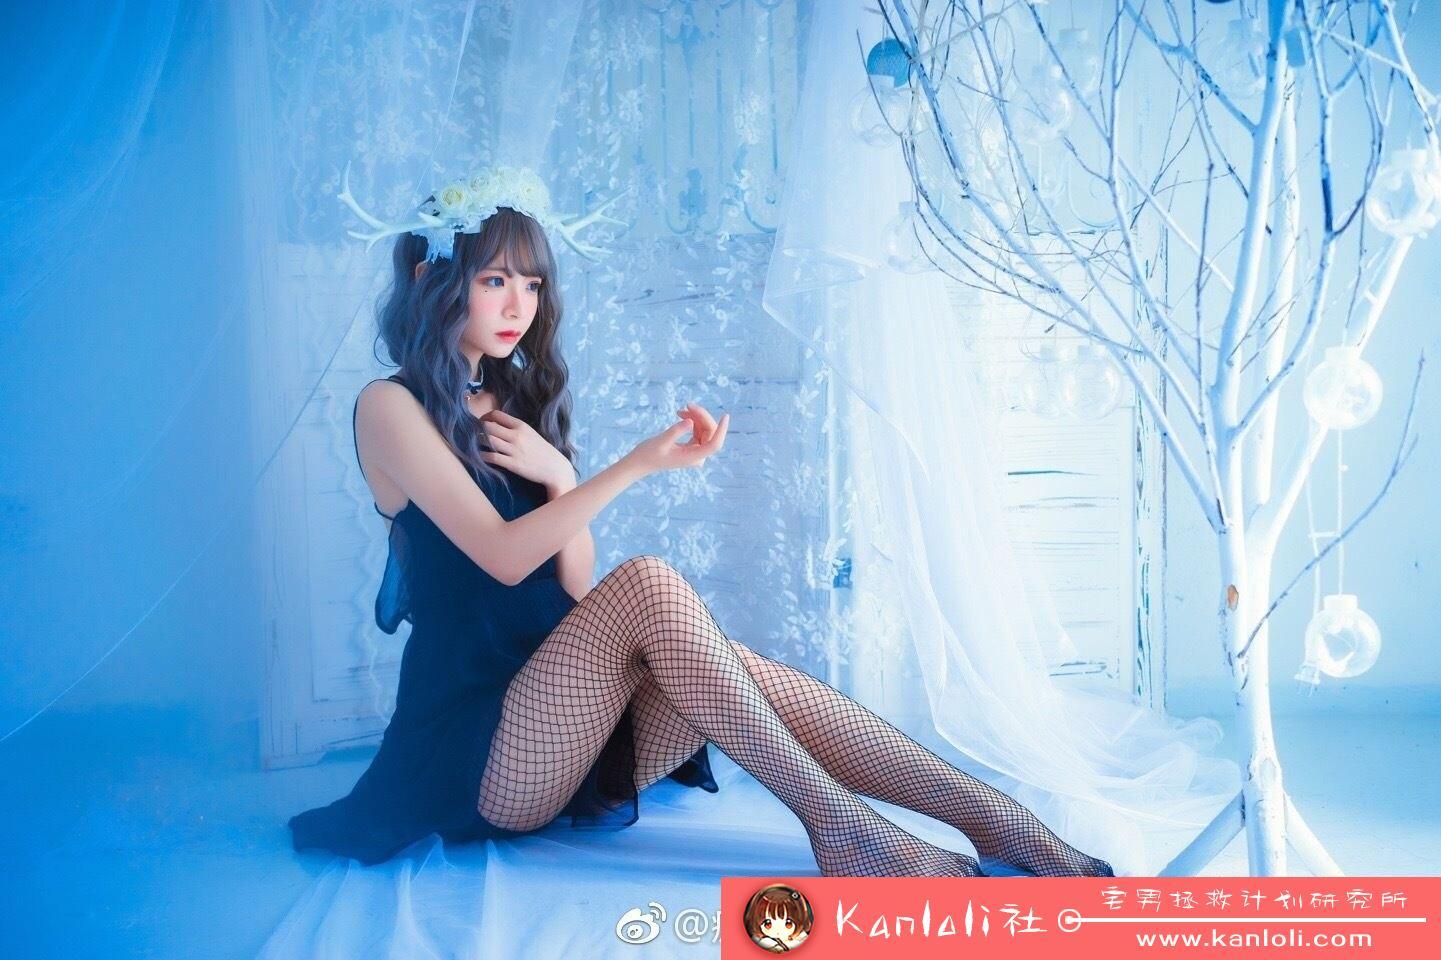 【疯猫ss】疯猫ss写真-FM-007 梦幻渔网袜 [9P]